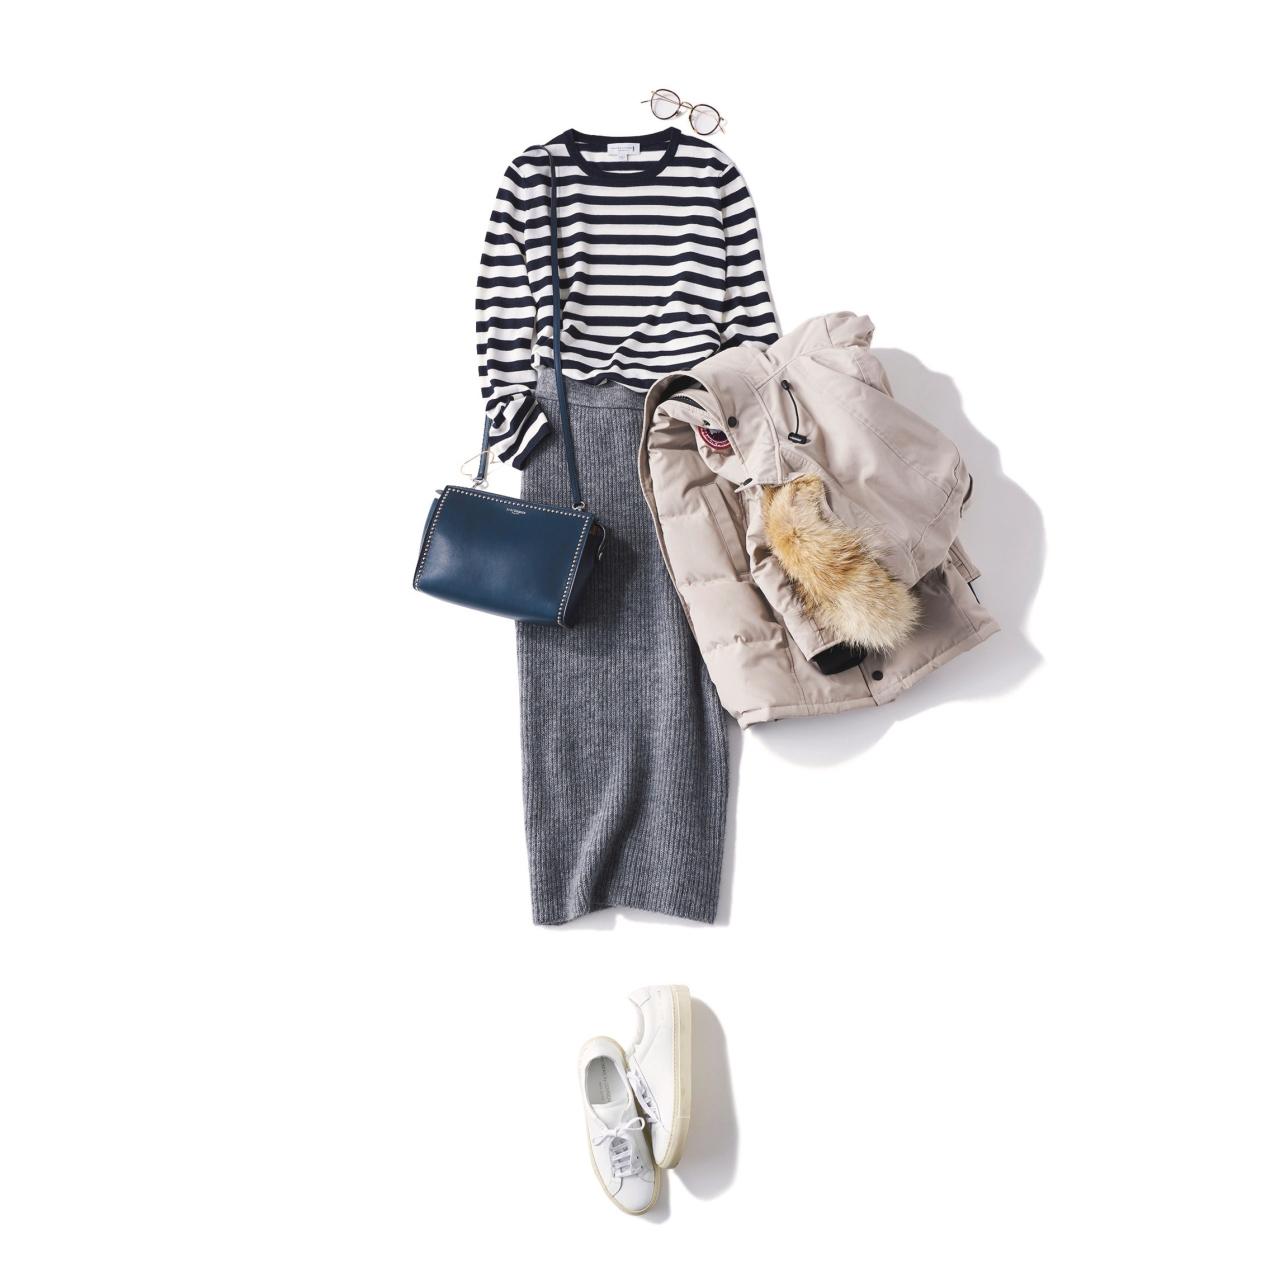 ボーダートップス×タイトスカート&ショルダーバッグのファッションコーデ